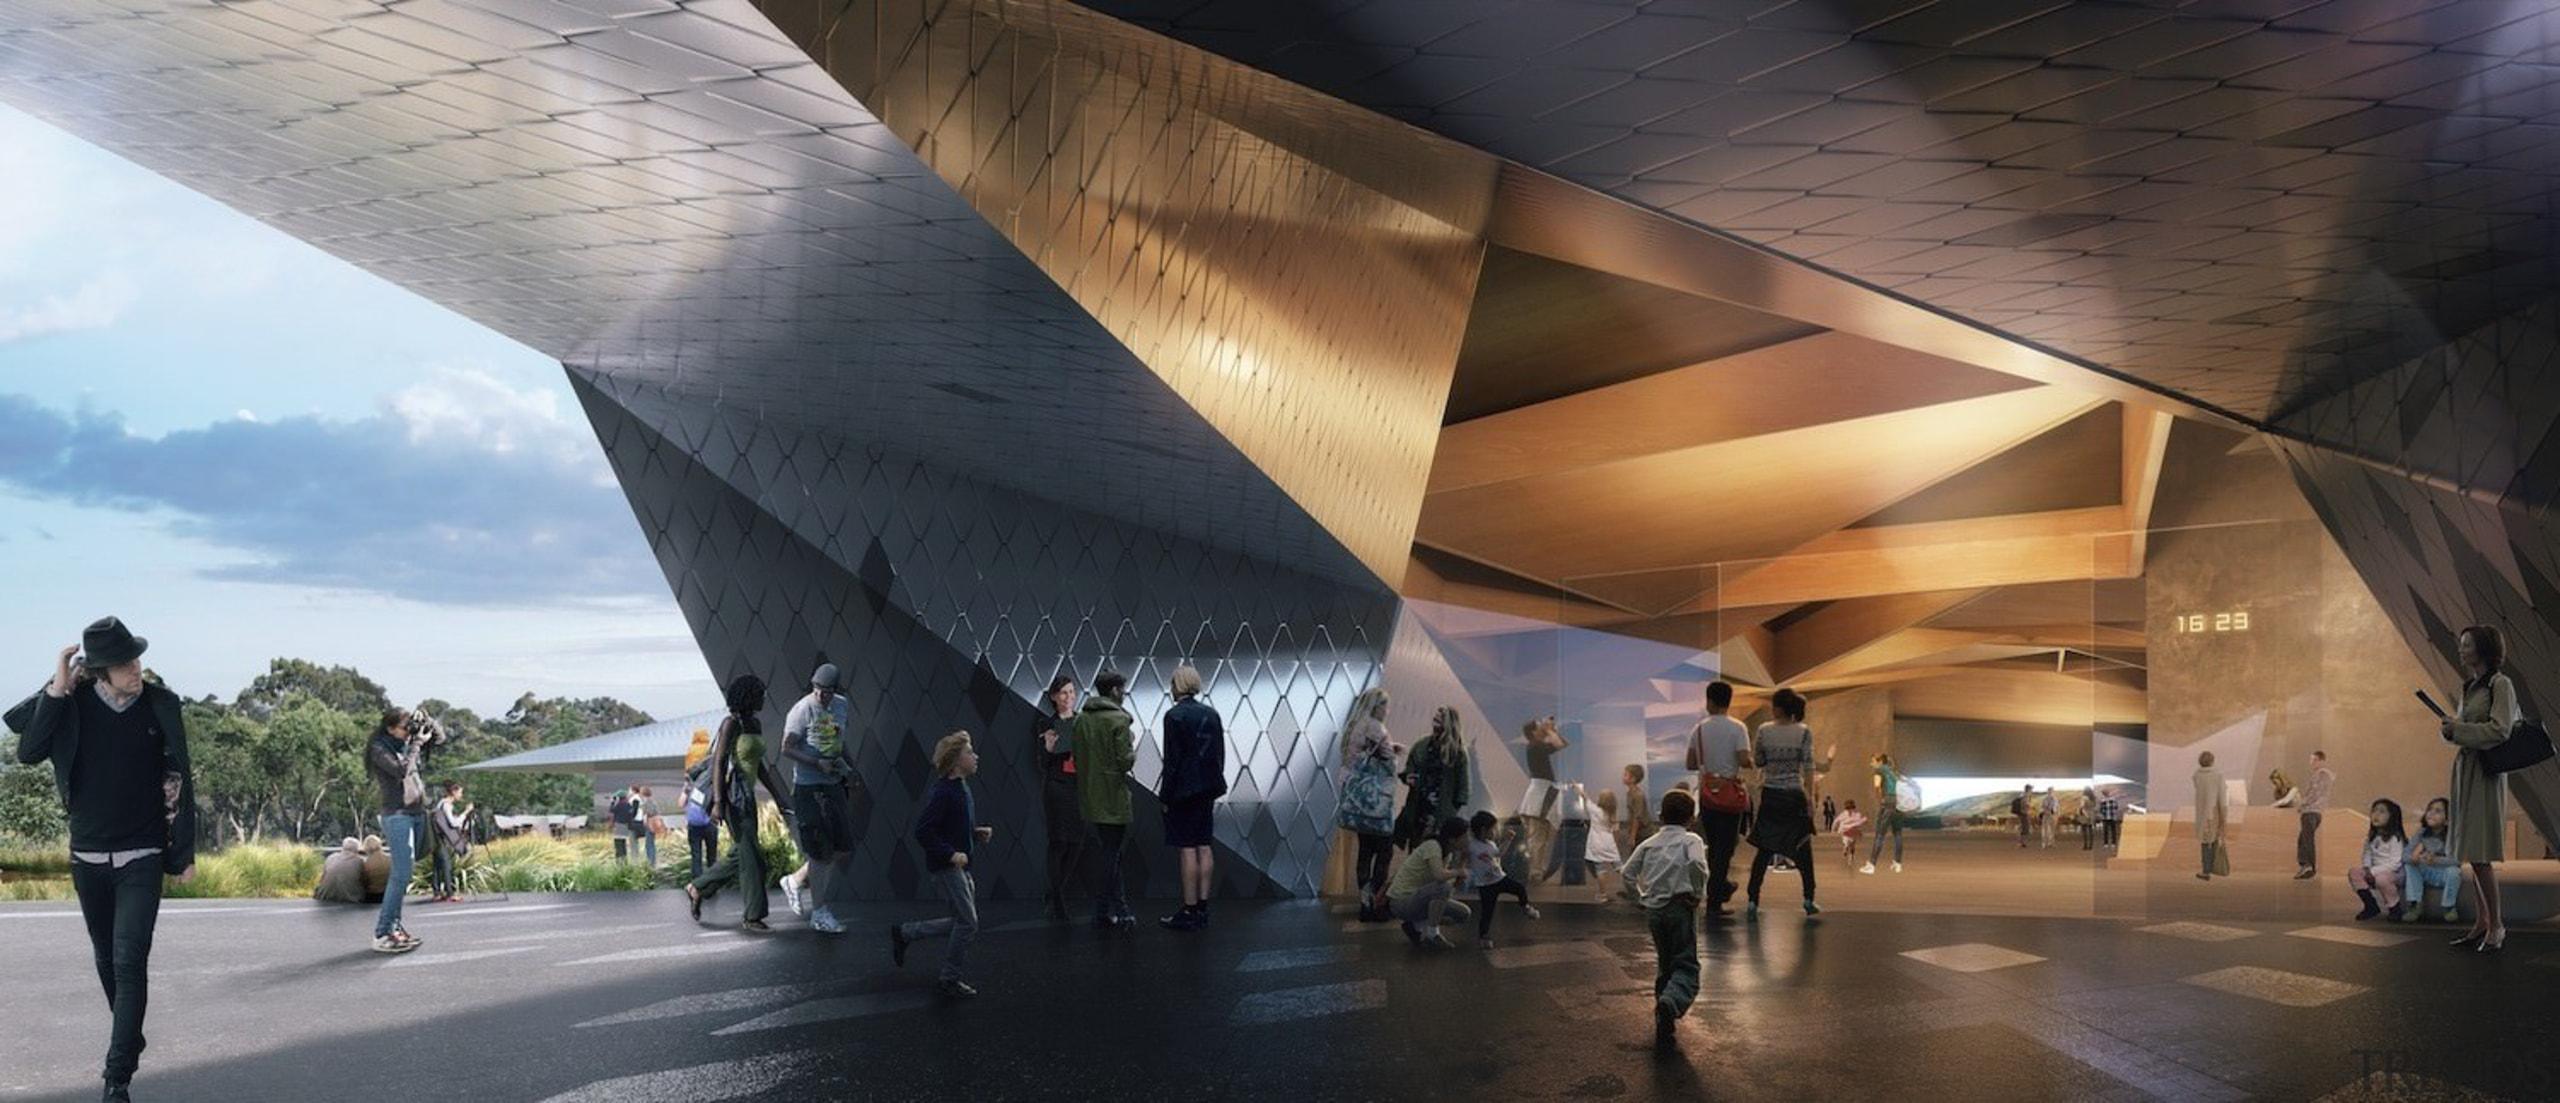 Architect: Terrior architecture, building, pavilion, structure, tourist attraction, black